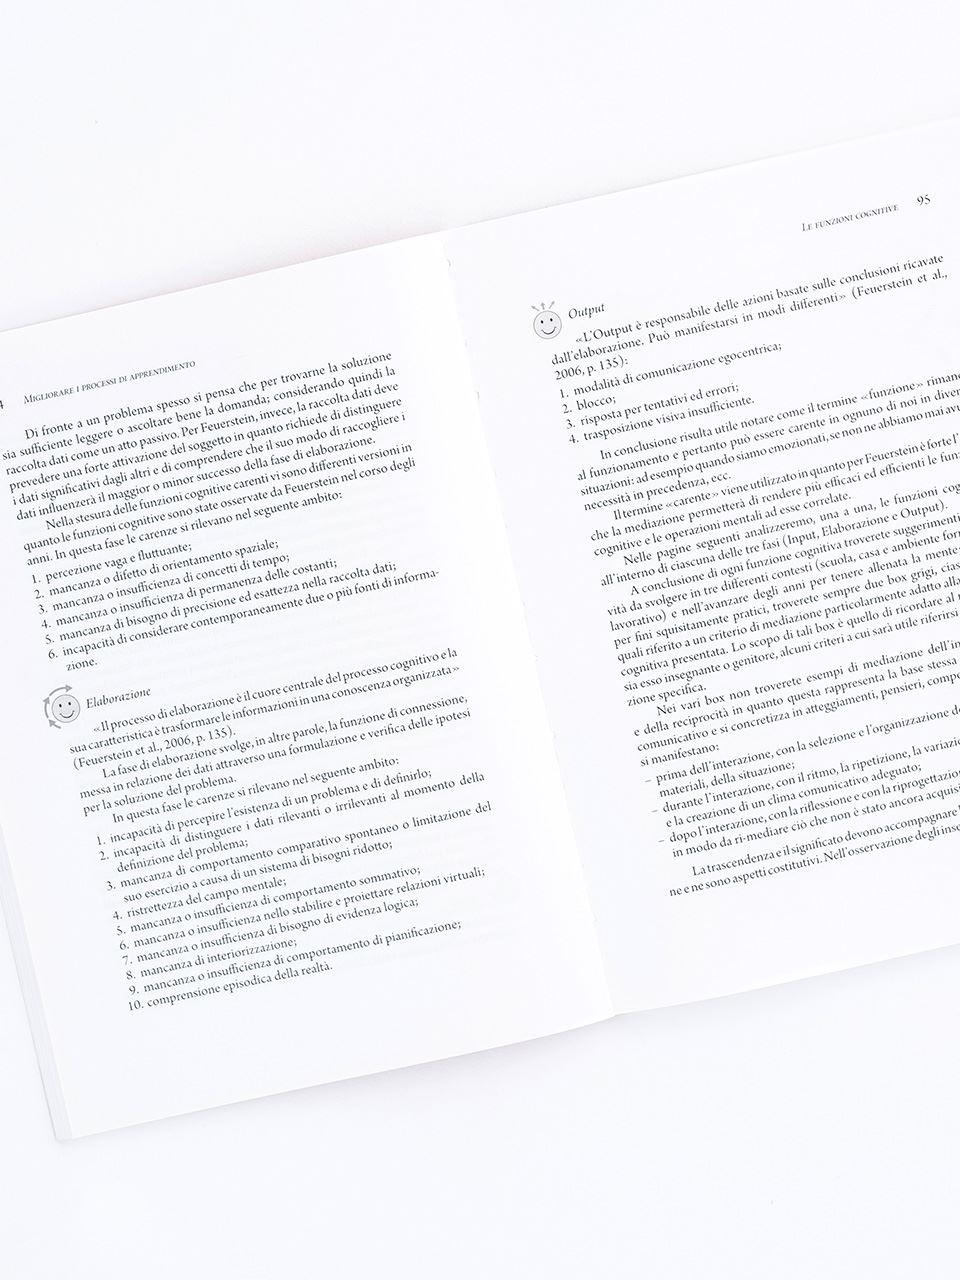 Migliorare i processi di apprendimento - Libri - Erickson 2